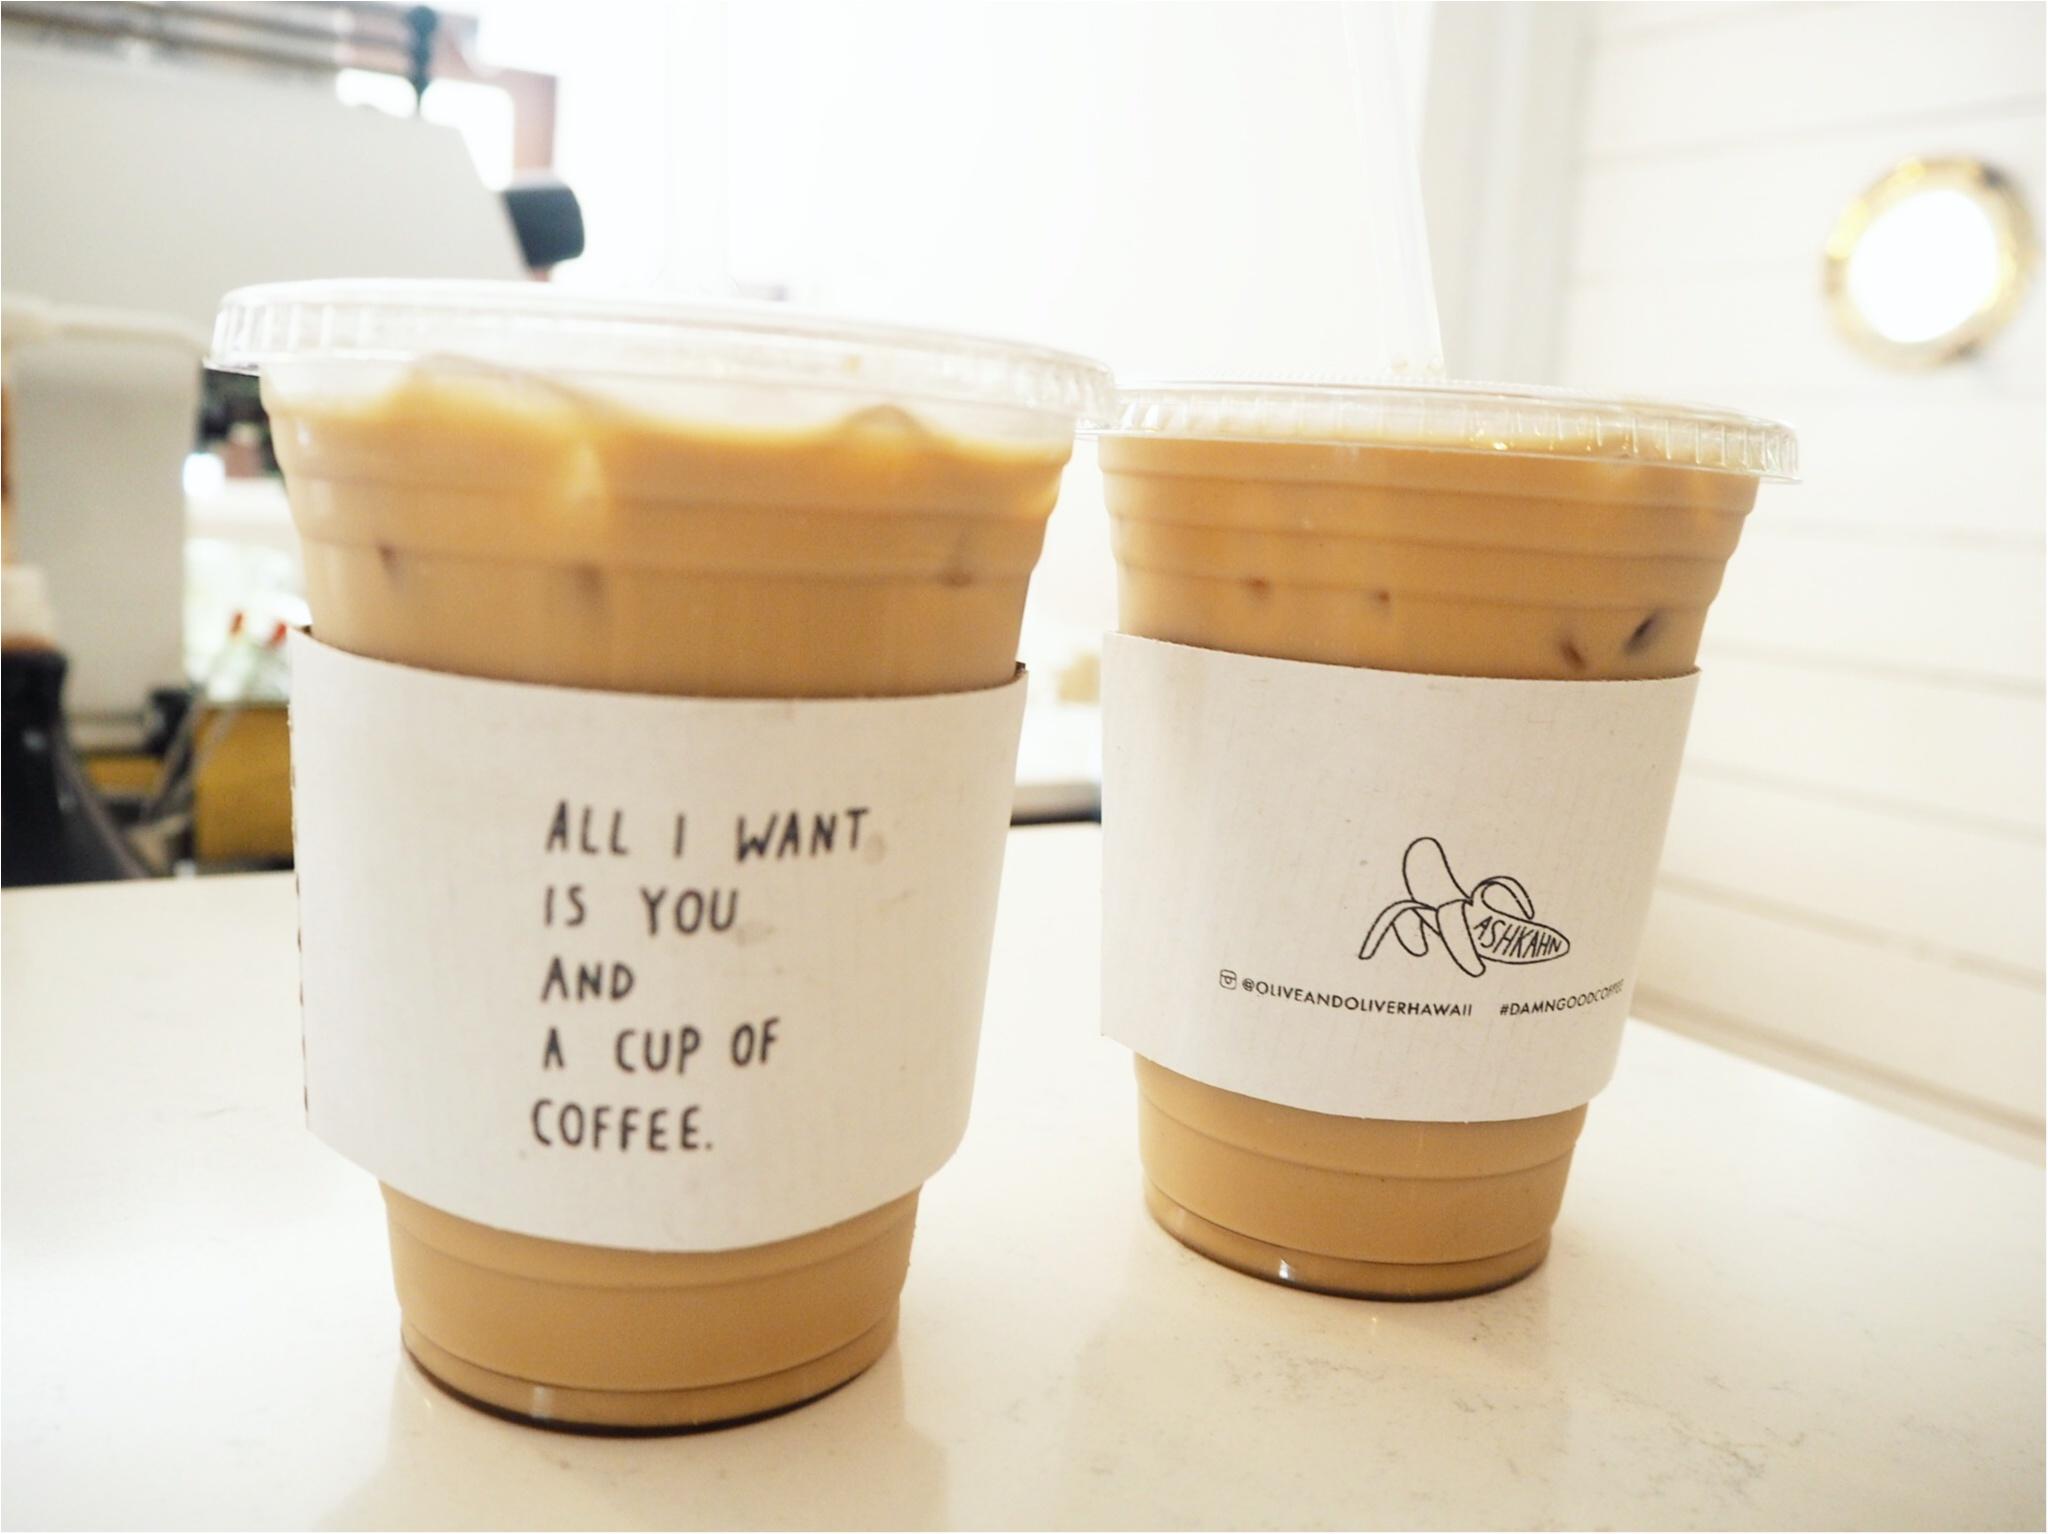 ハワイ/ホノルルをおさんぽ♪カップがかわいいと話題のコーヒースタンド♡_10